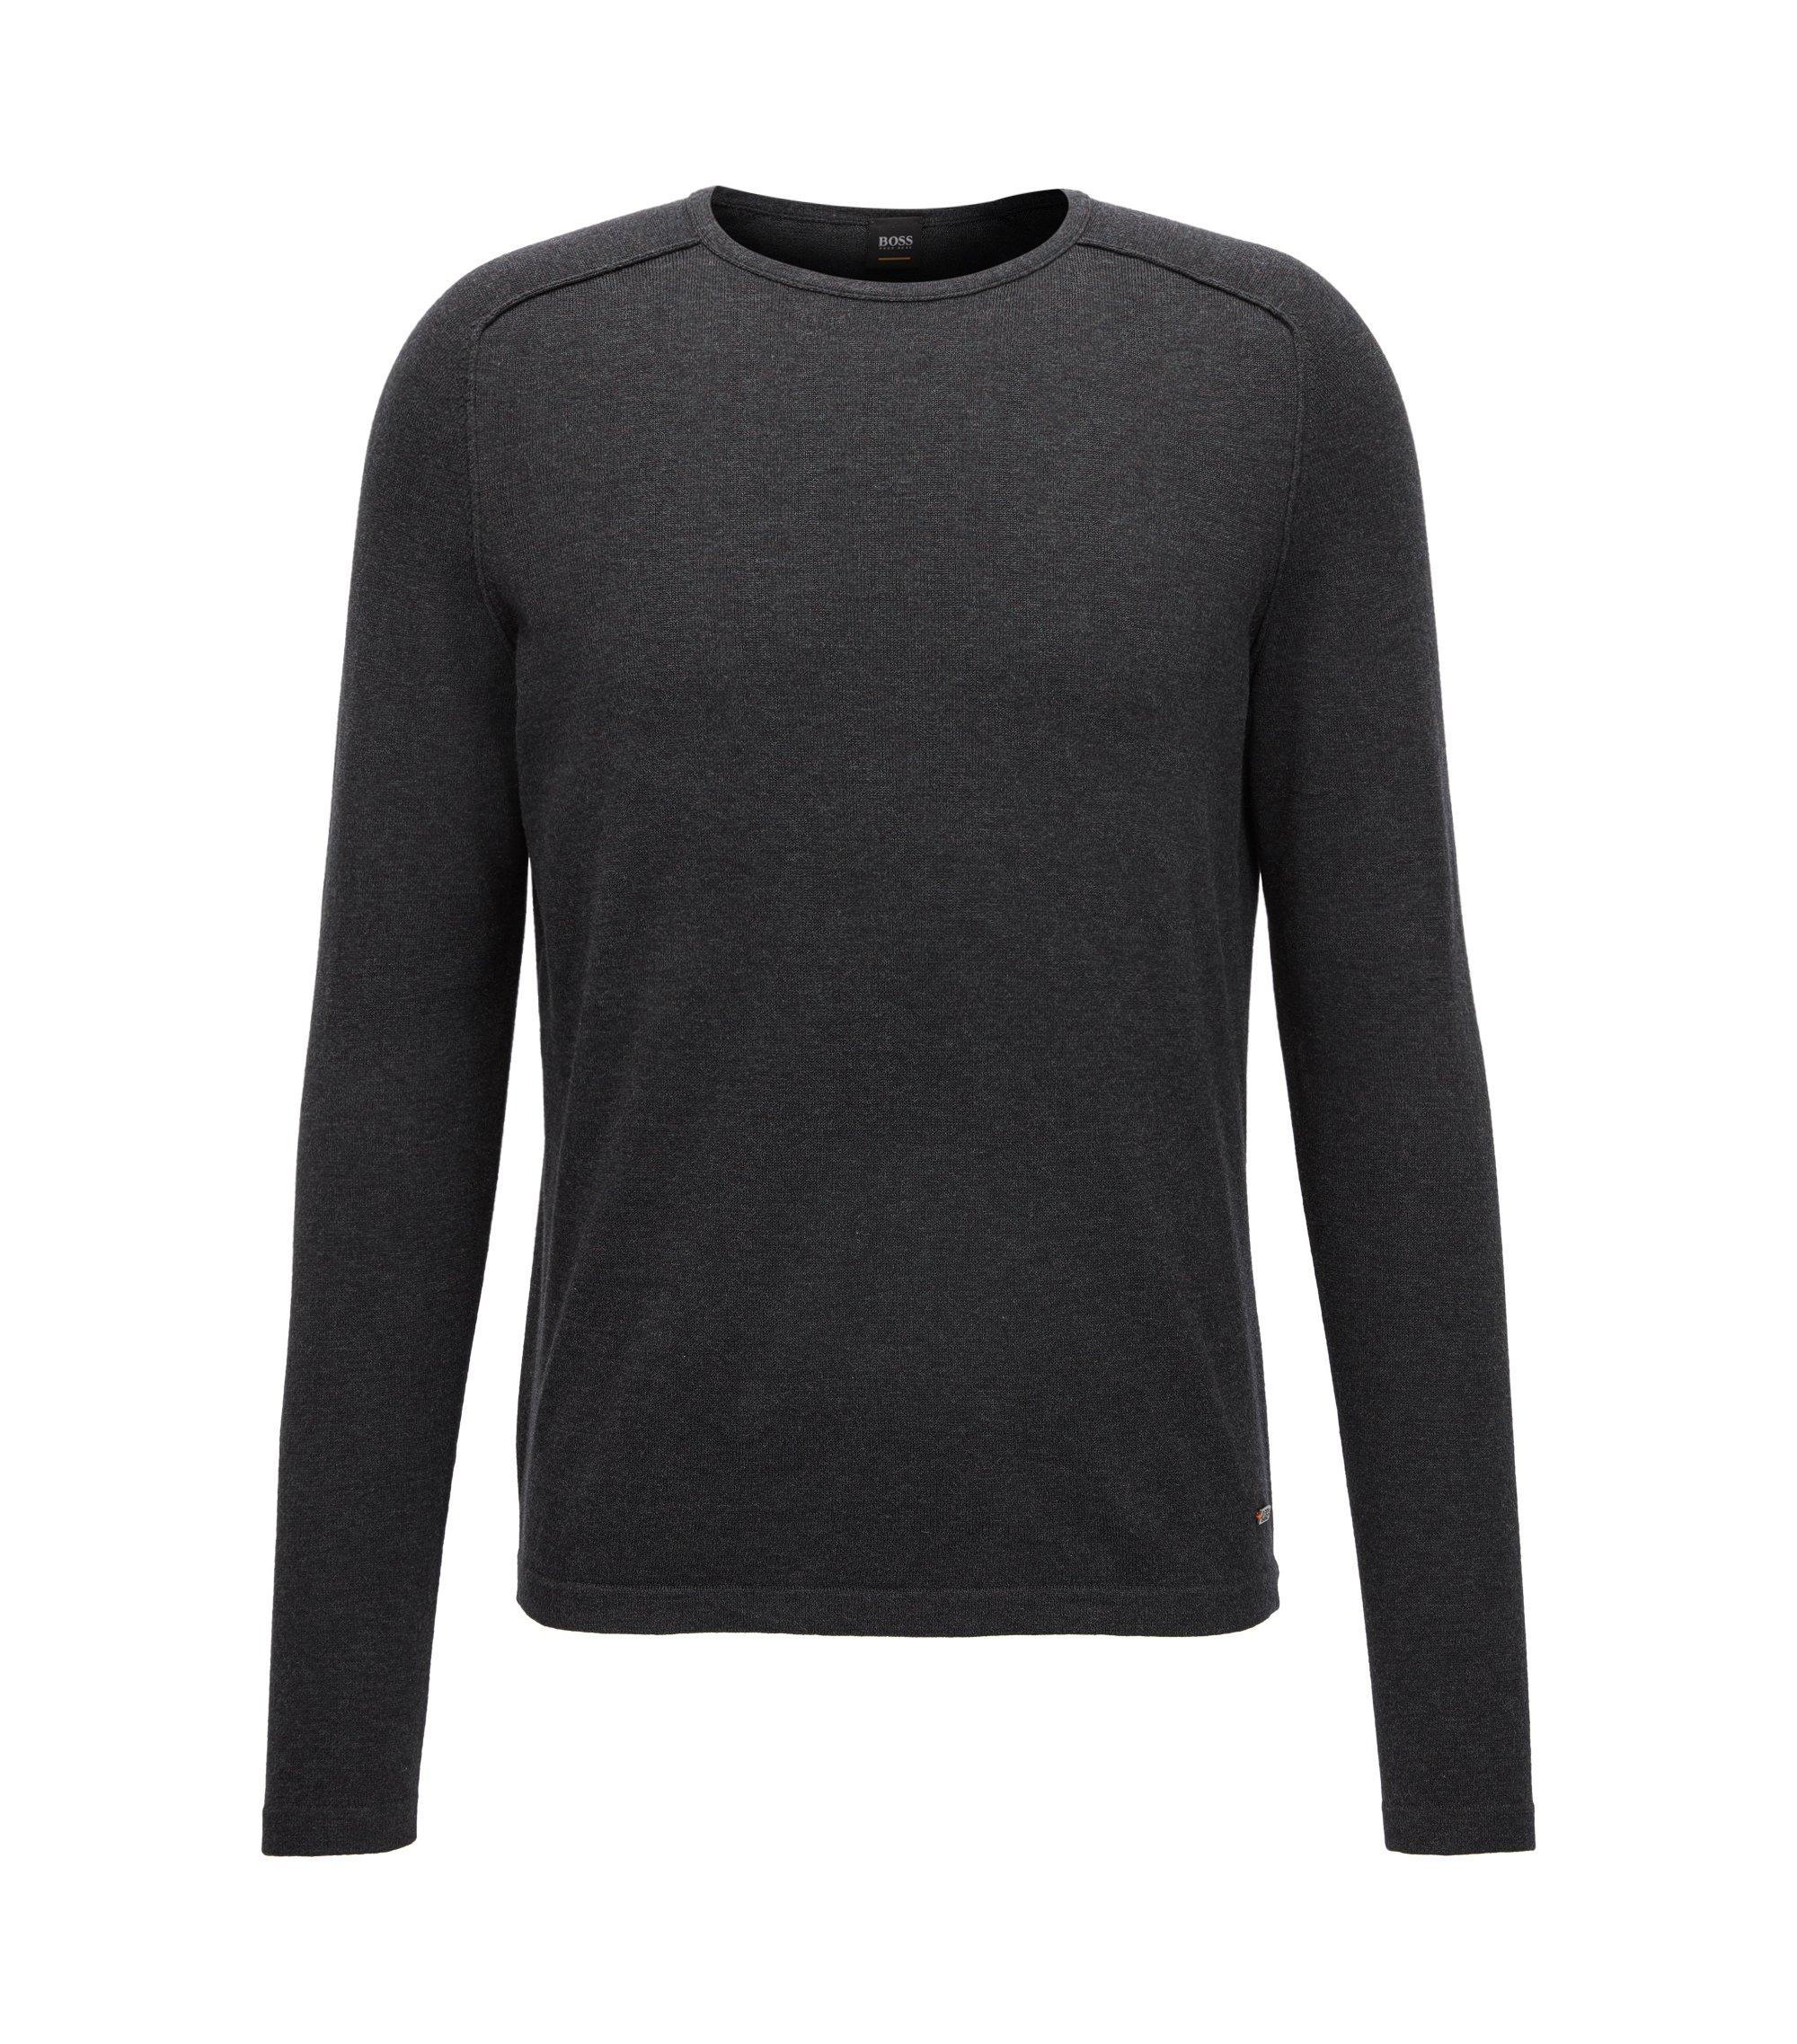 Pullover aus gestrickter Baumwolle mit Paspel-Details, Schwarz